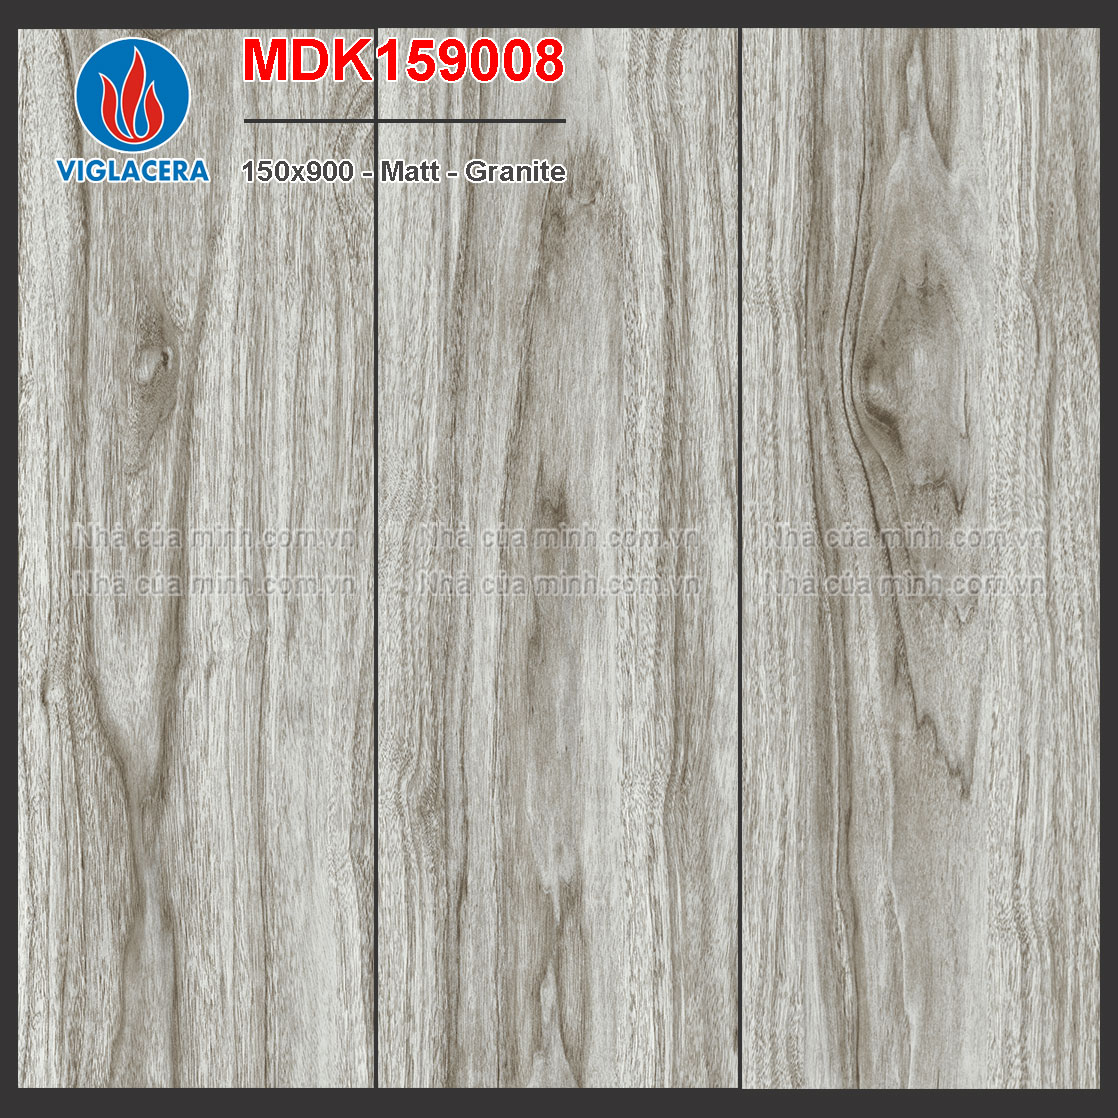 Gạch vân gỗ 150x900 Viglacera MDK159008 giá rẻ